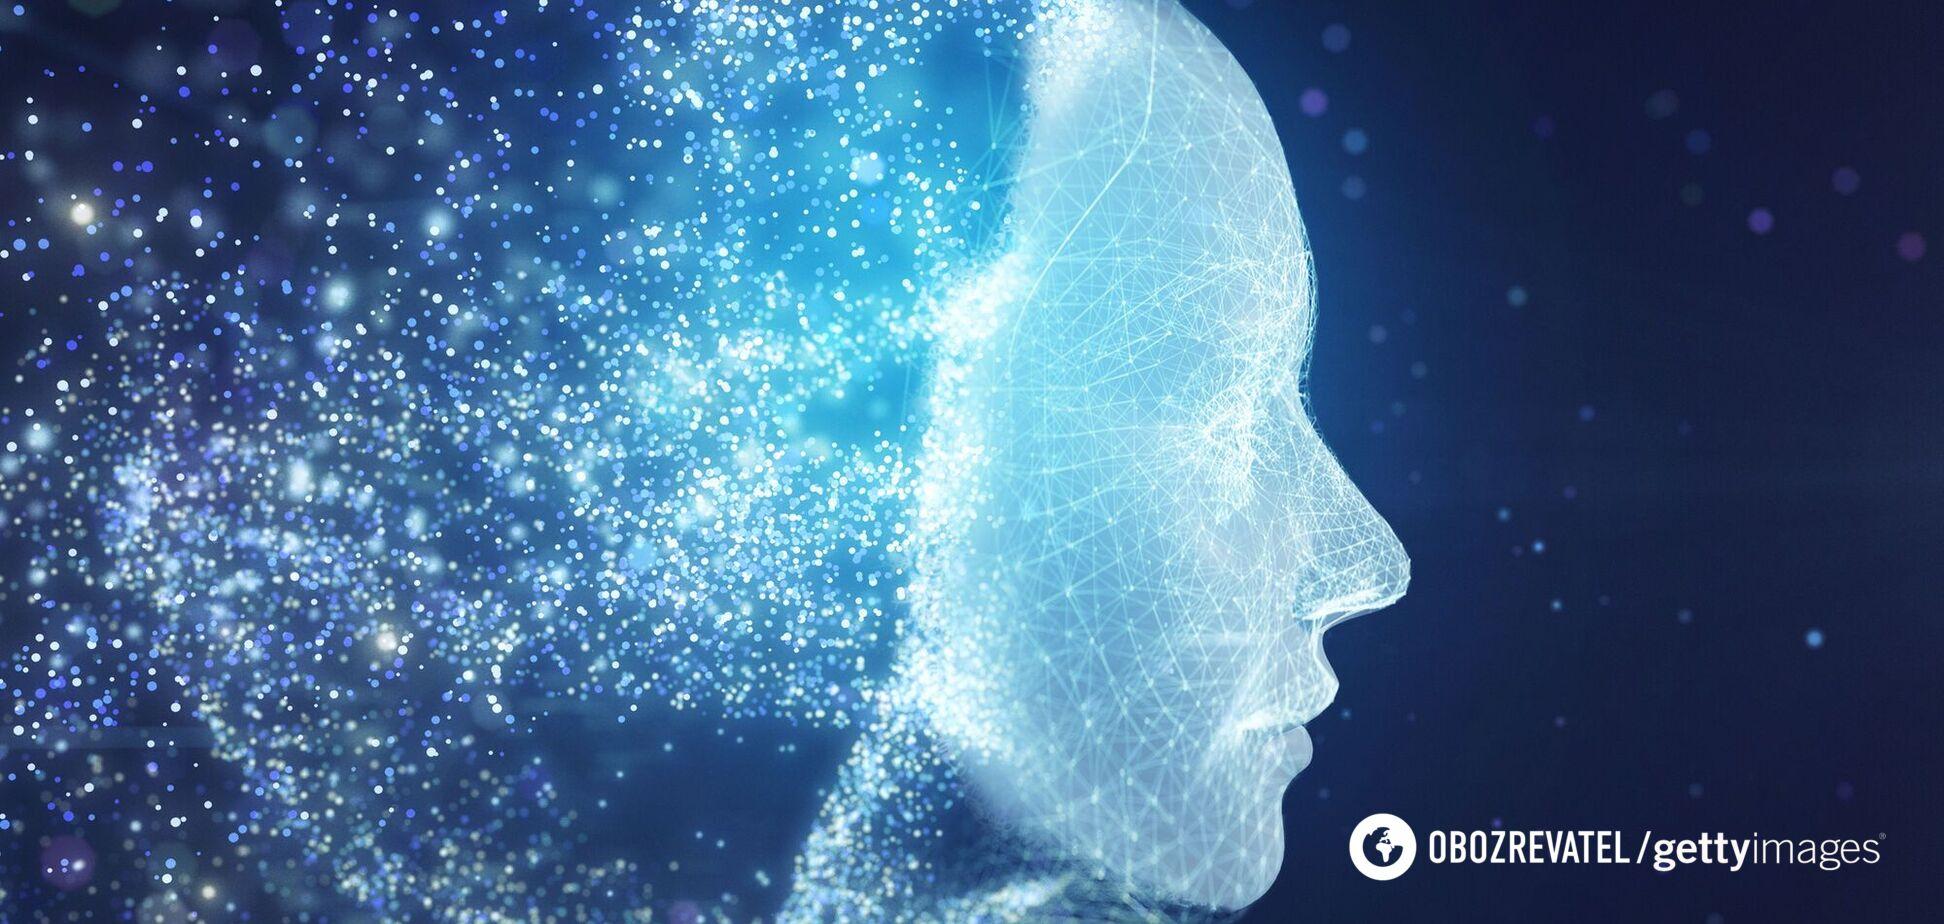 Чоловік повернув дівчину в якості штучного інтелекту